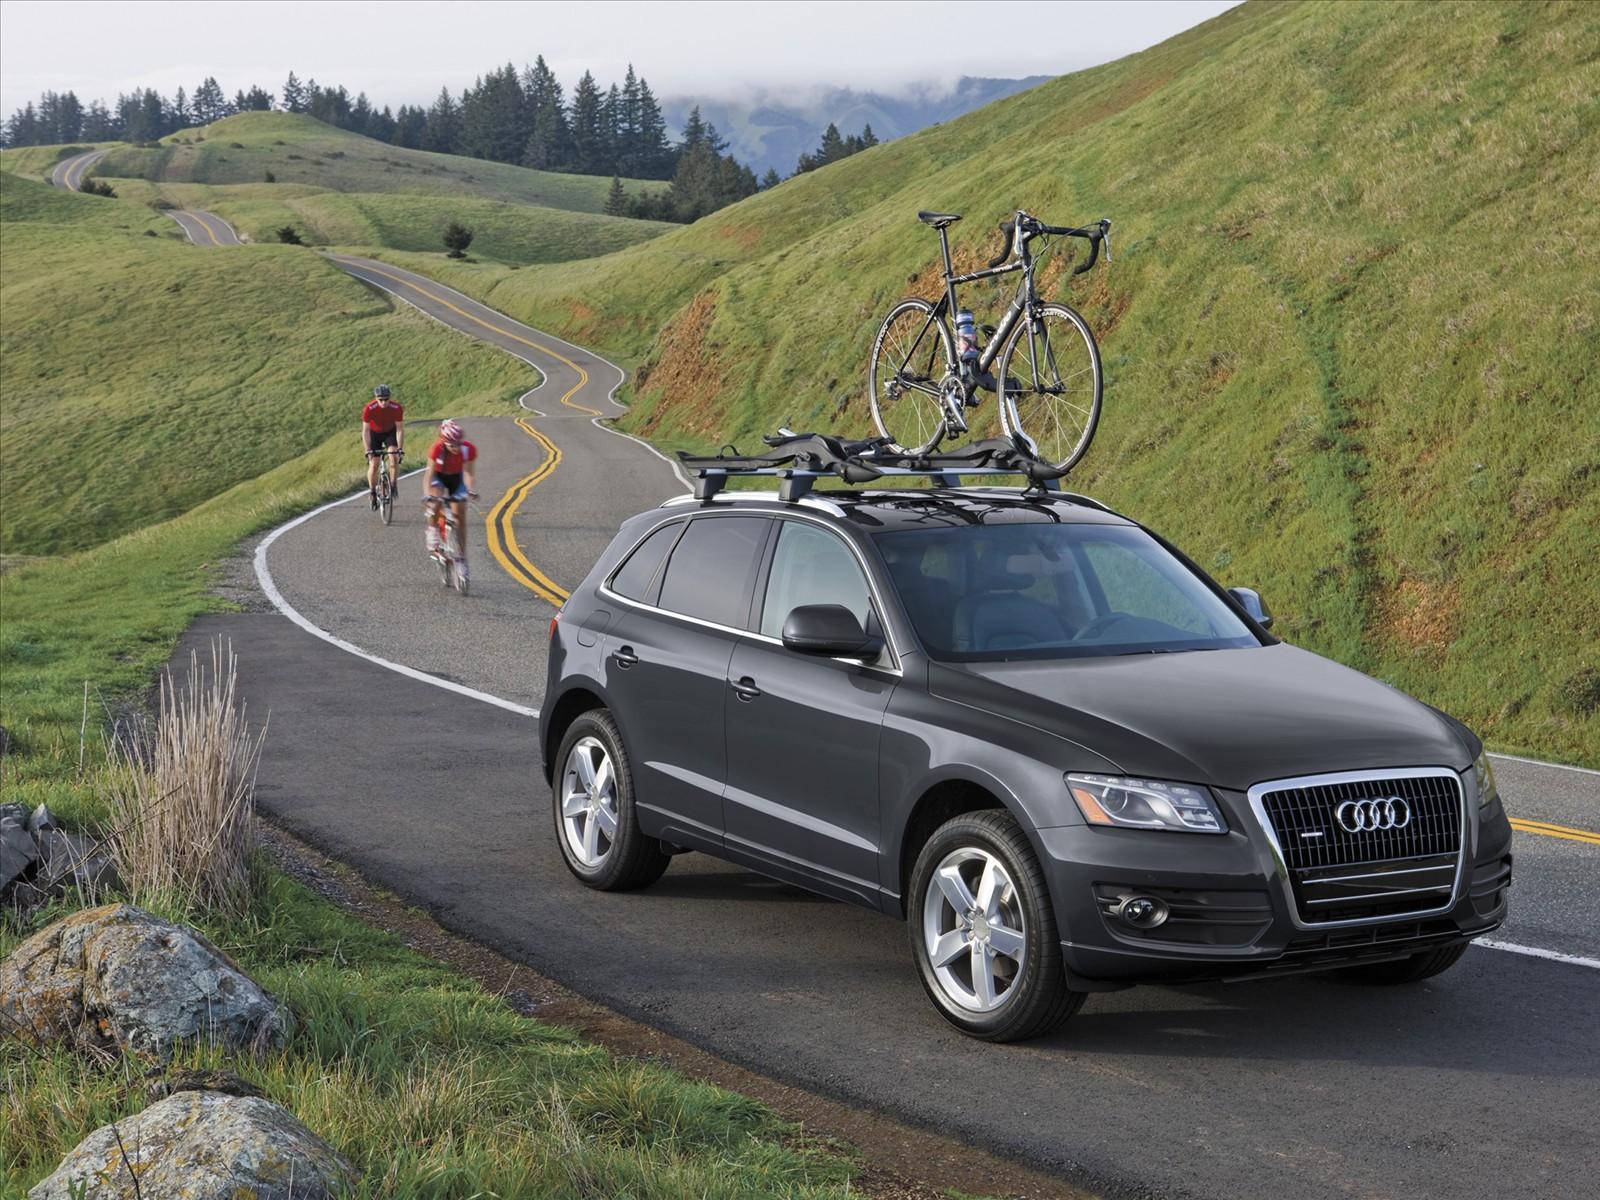 http://4.bp.blogspot.com/_J3_liDBfbvs/S-WQfL1Mf9I/AAAAAAAAqsQ/8O9dwCx15HI/s1600/2010-Audi-Q5-Touring-Cars.jpg